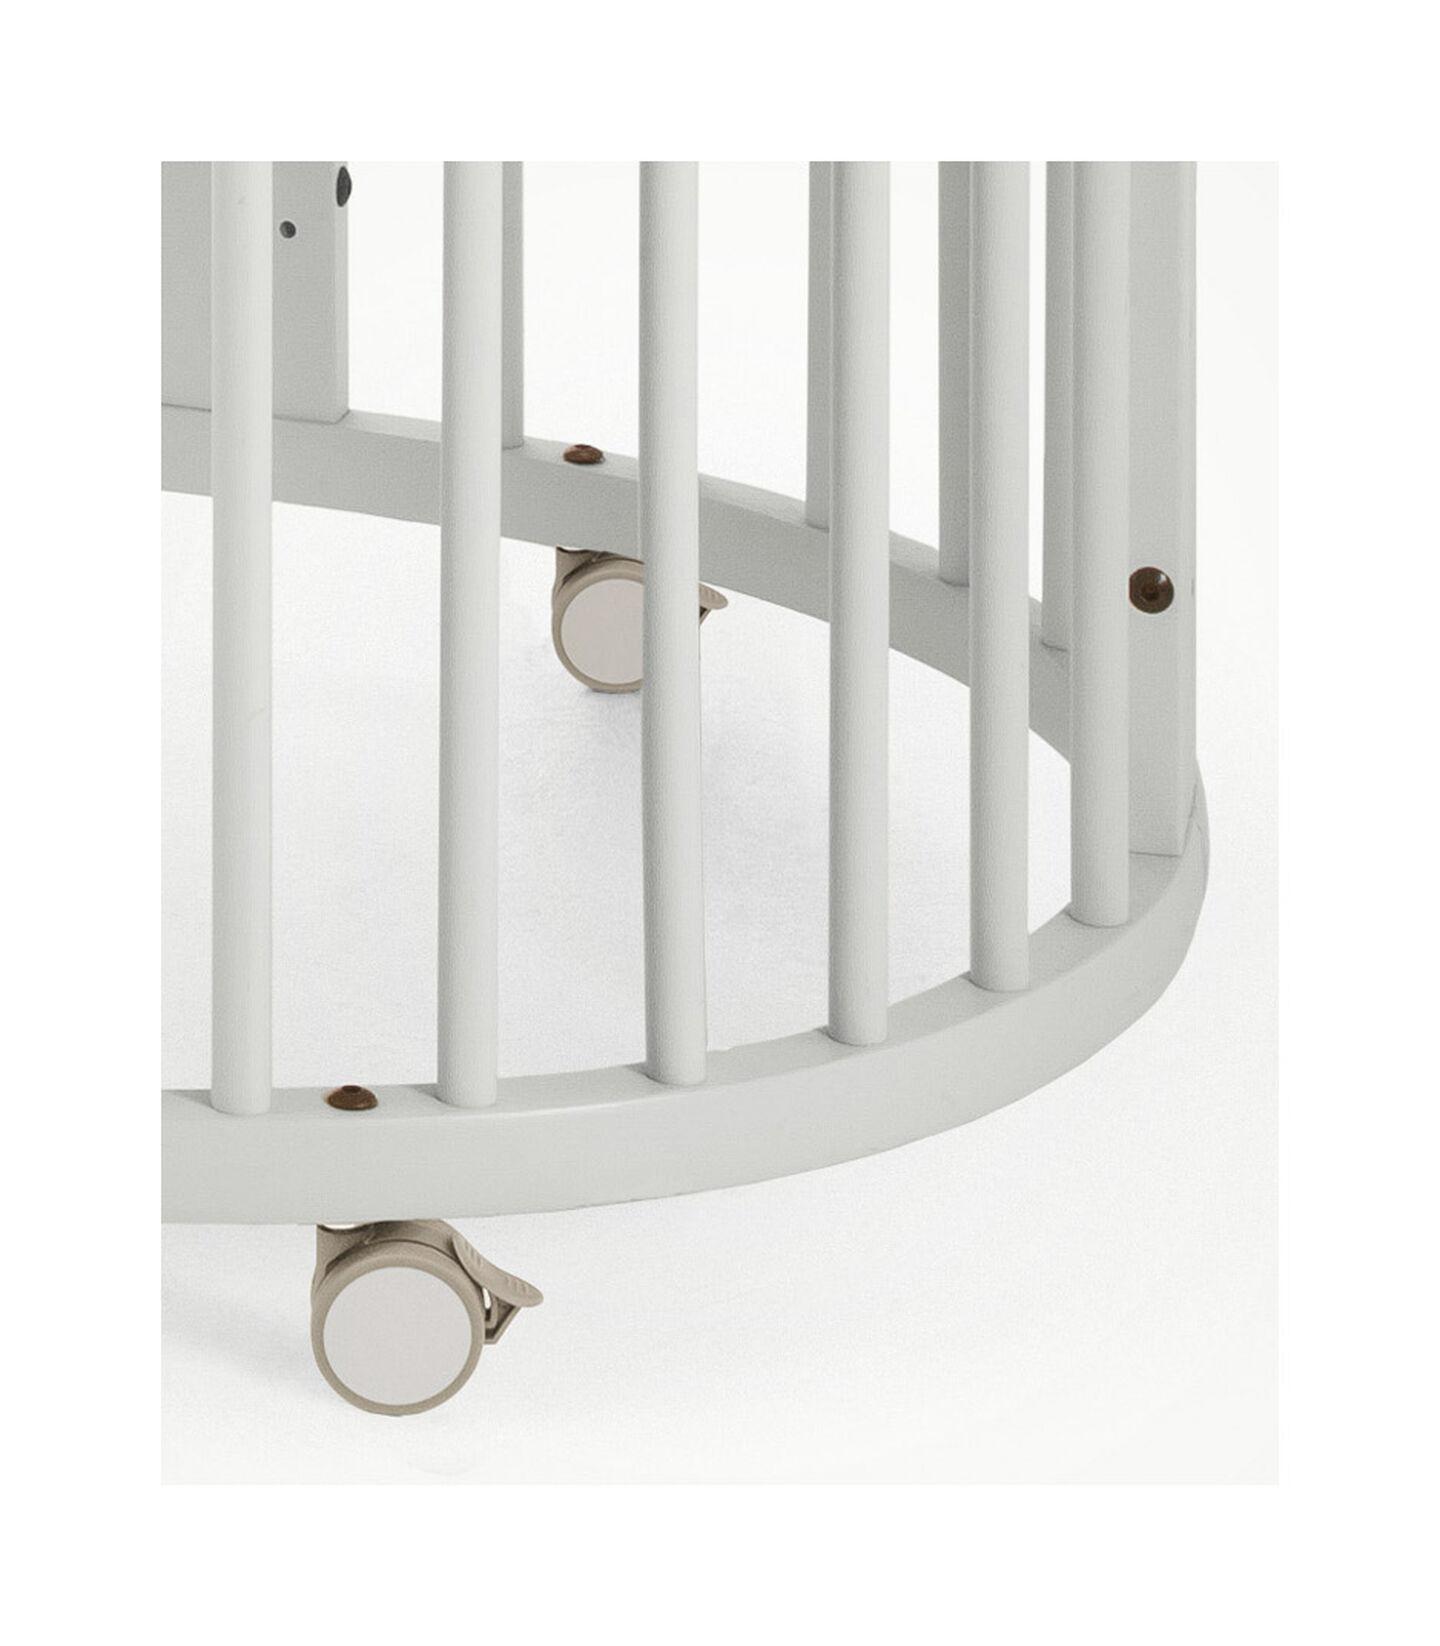 Stokke® Sleepi™ Crib/Bed White, White, mainview view 3